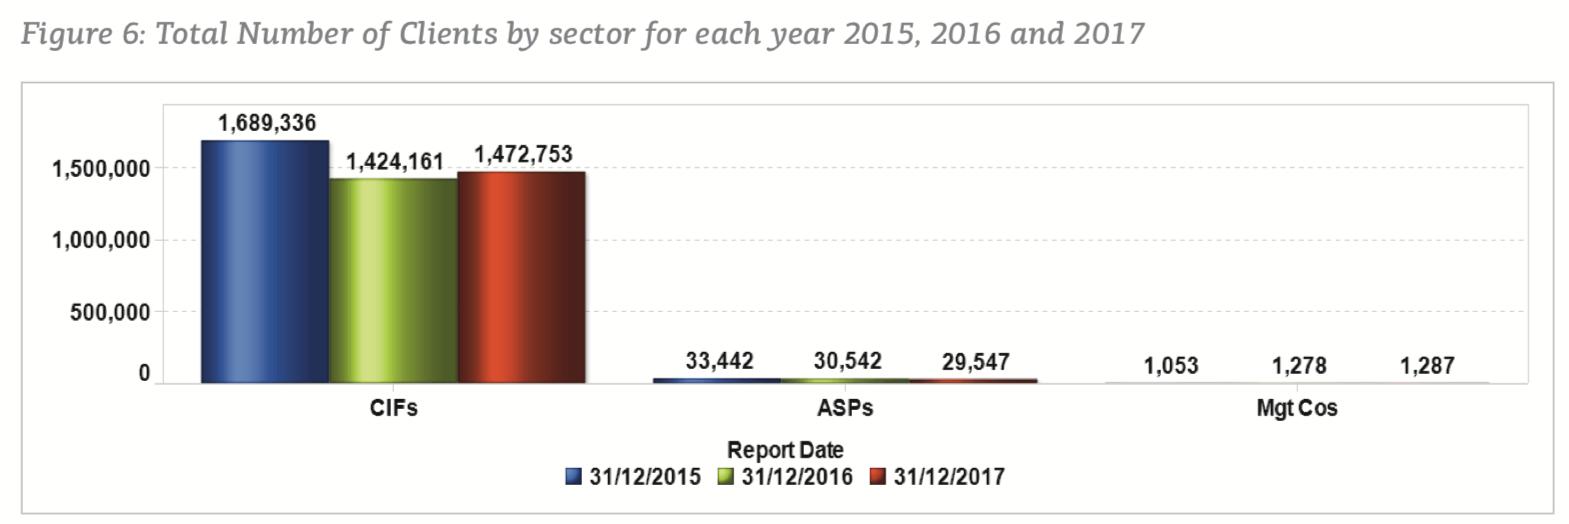 w 2017 roku liczba klientów CIF-ów wyniosła 1.472.753